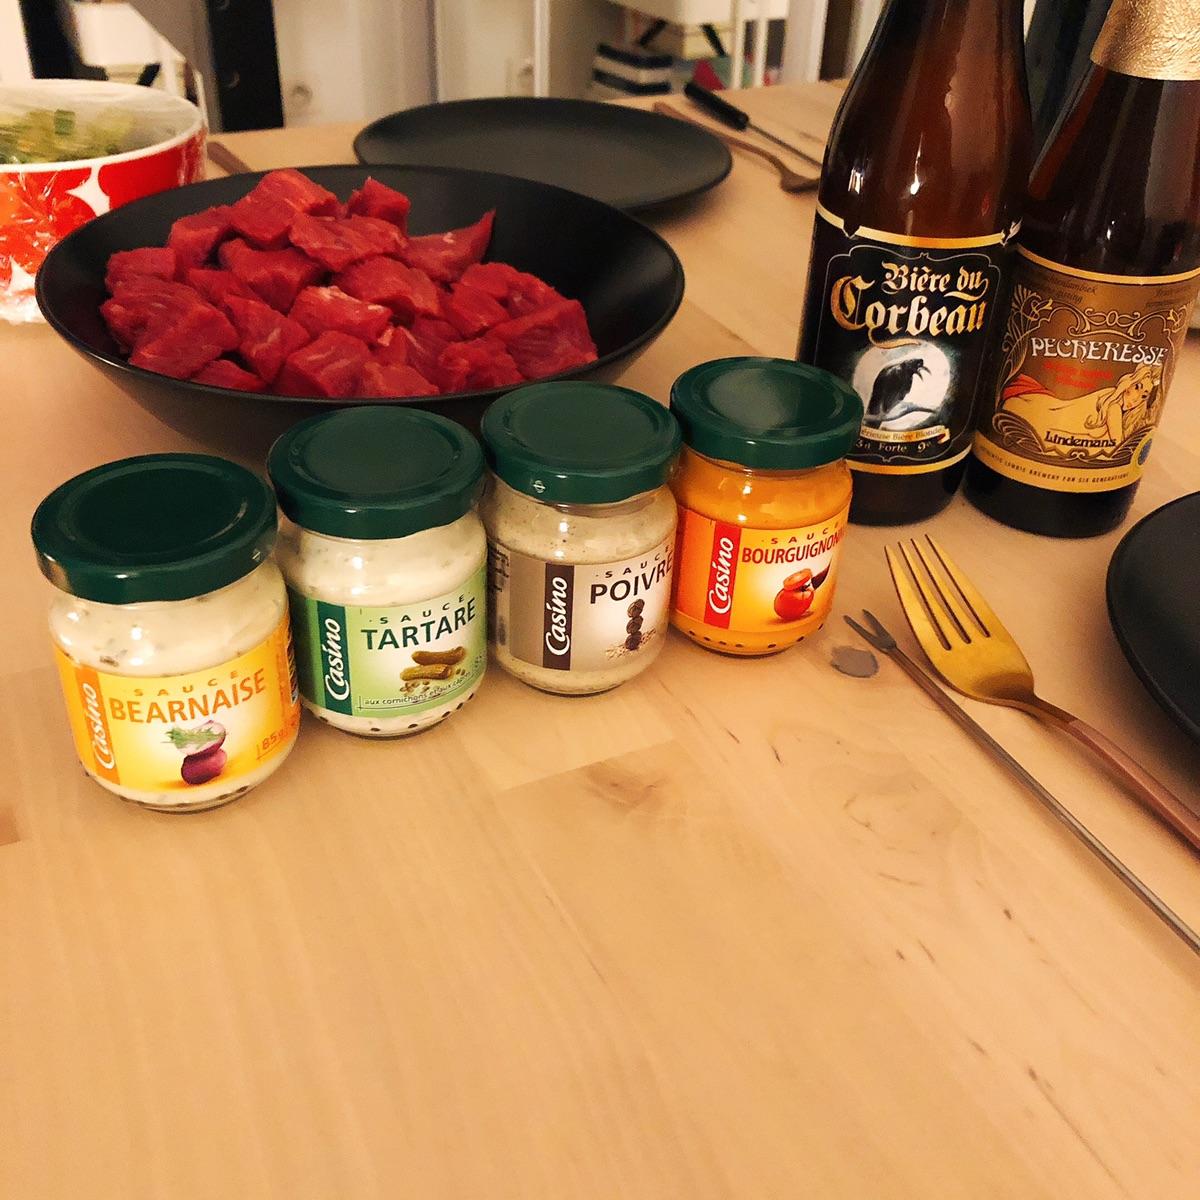 第一次吃fondue bourguignonne感觉好好吃